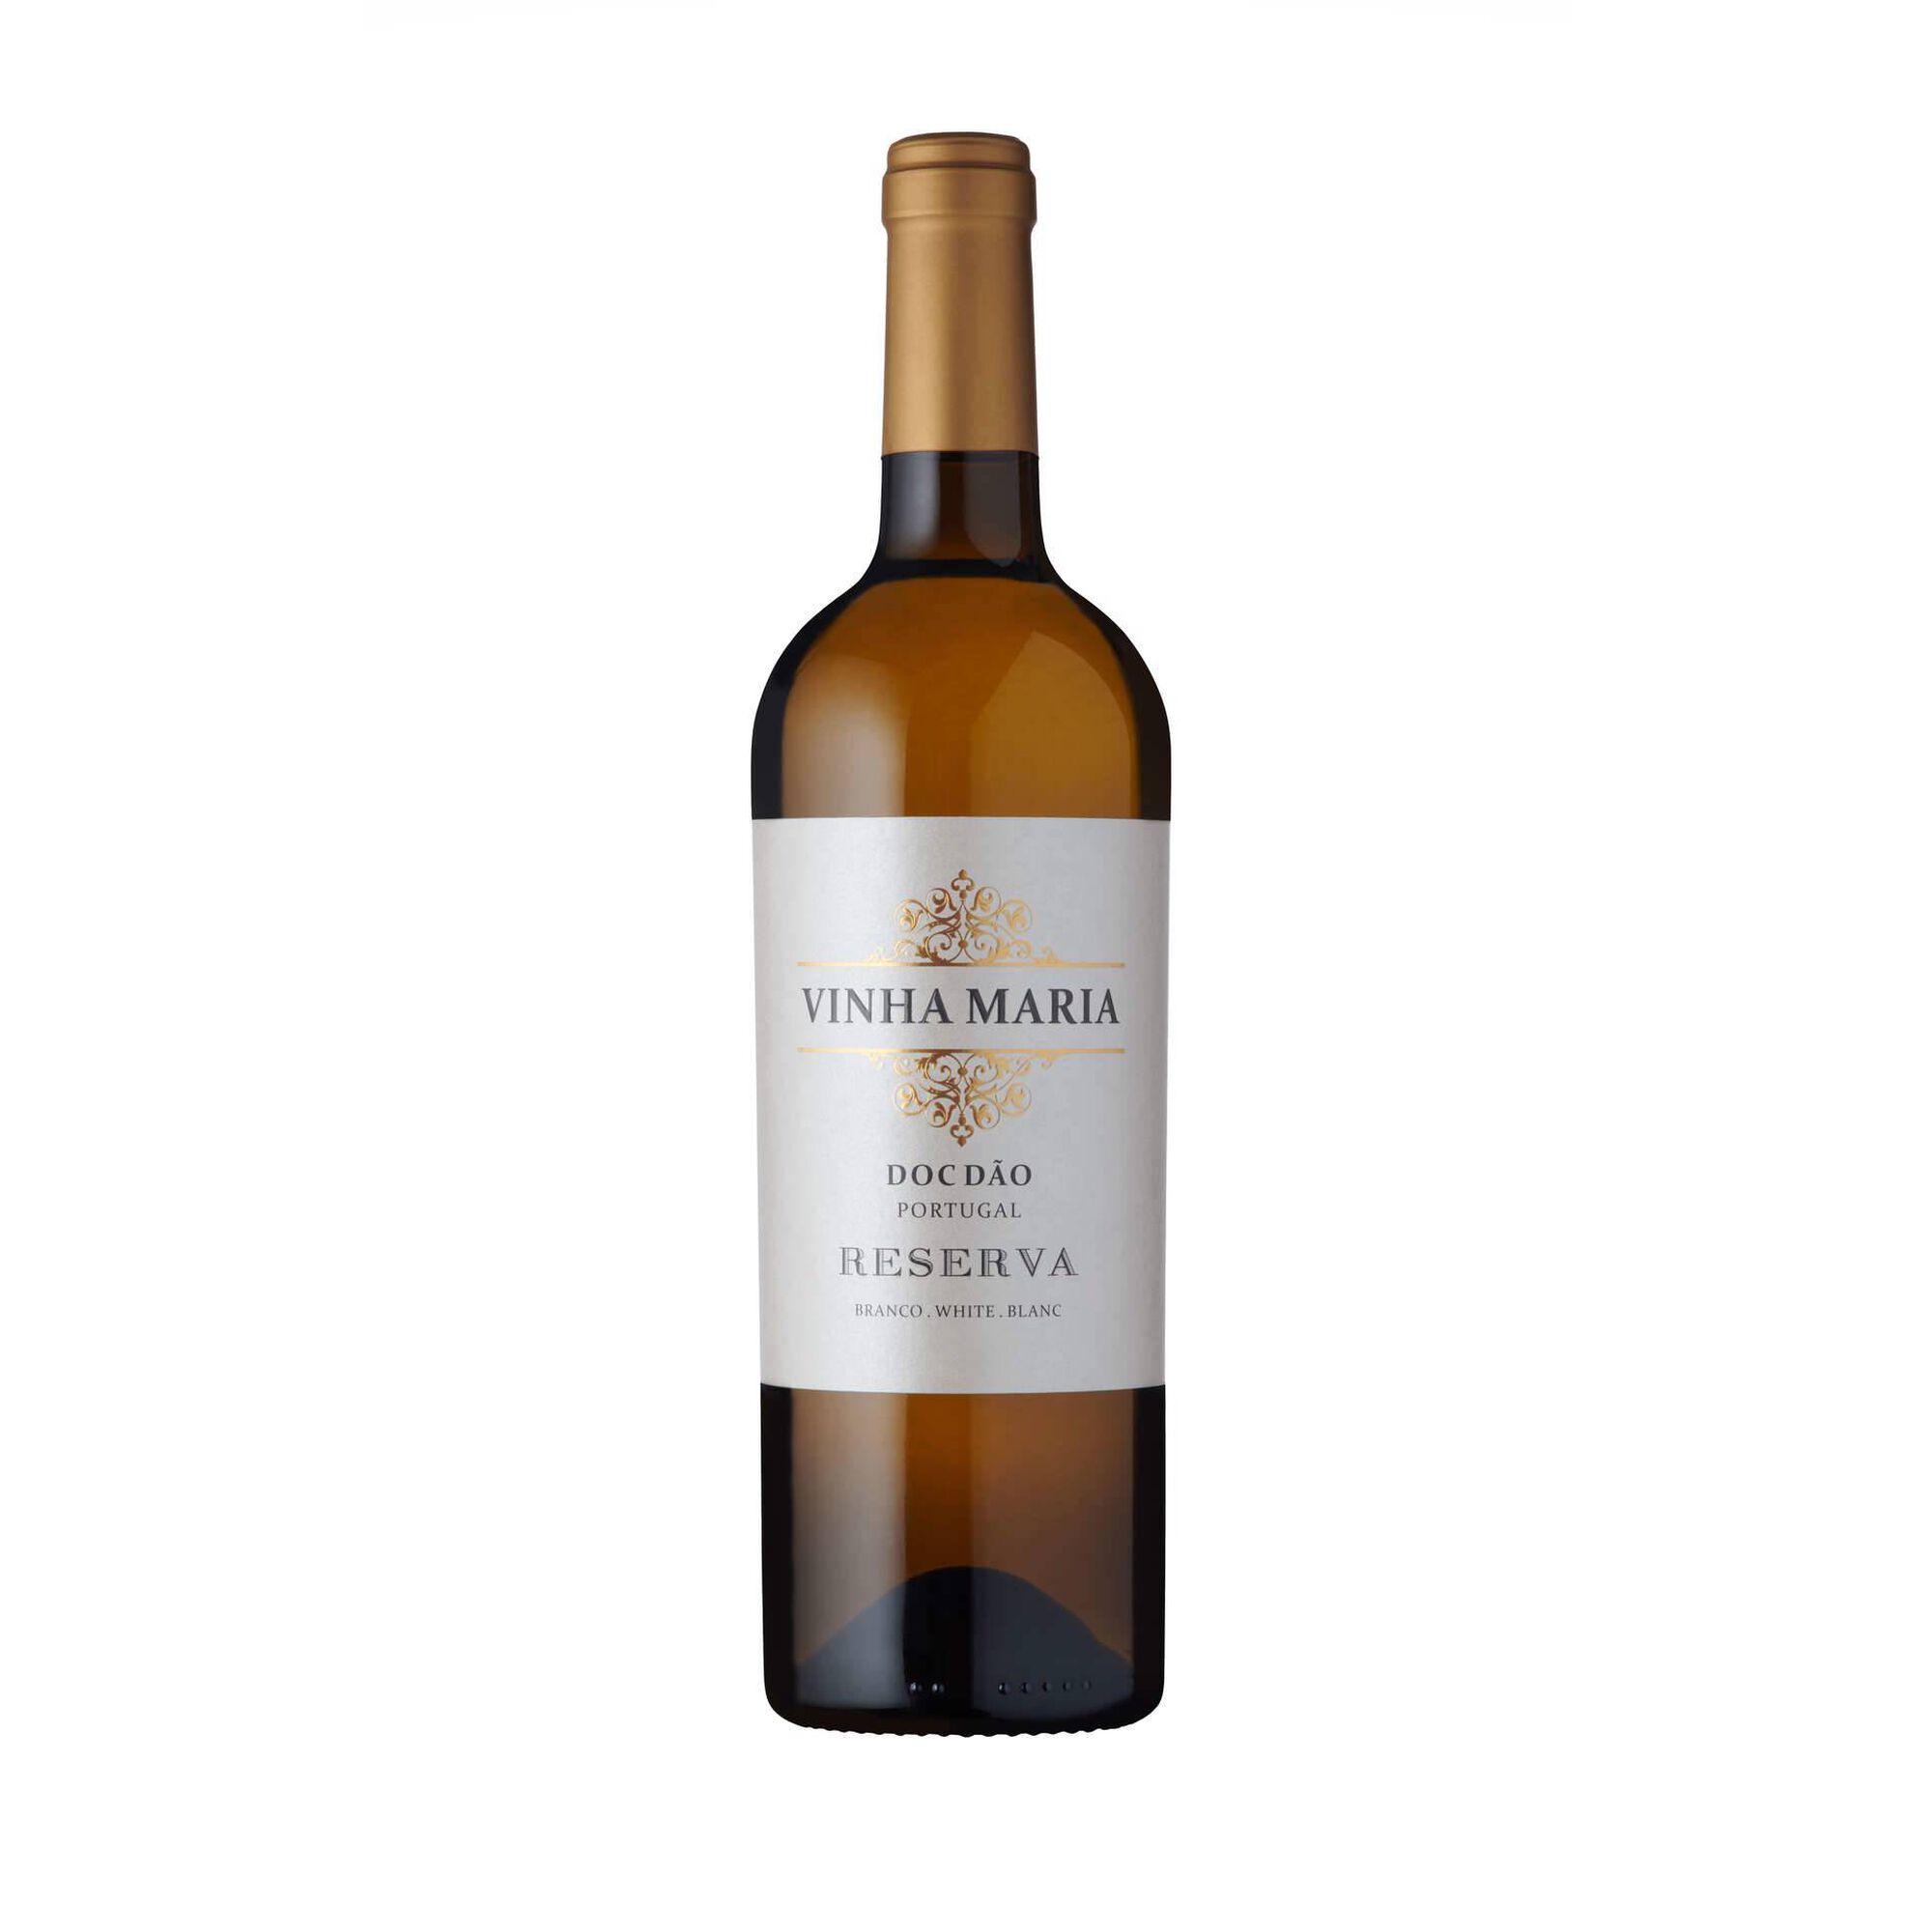 Vinha Maria Reserva DOC Dão Vinho Branco